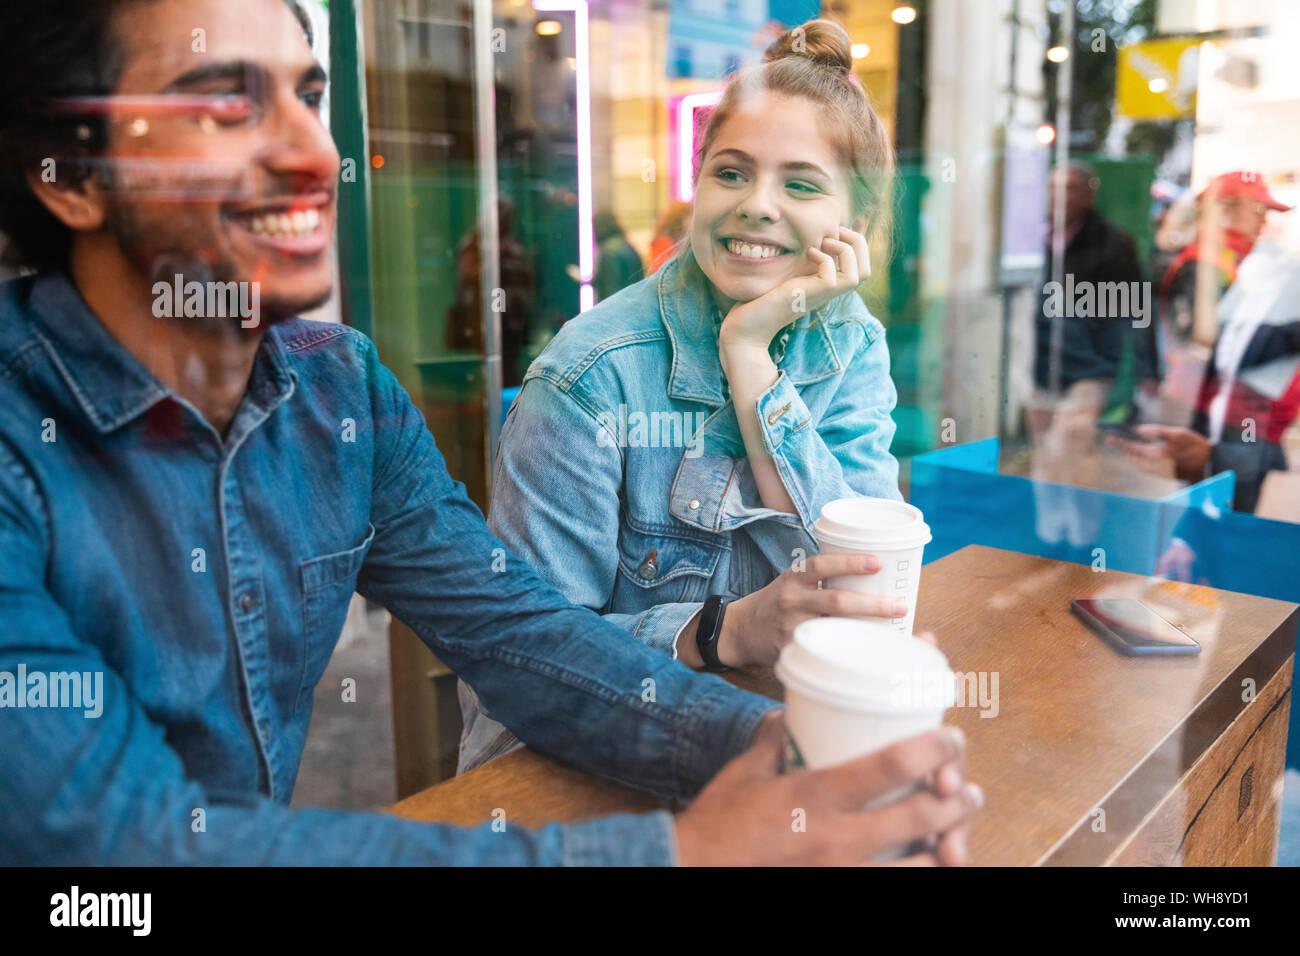 Ritratto di sorridente giovane donna in una caffetteria guardando il giovane uomo Foto Stock